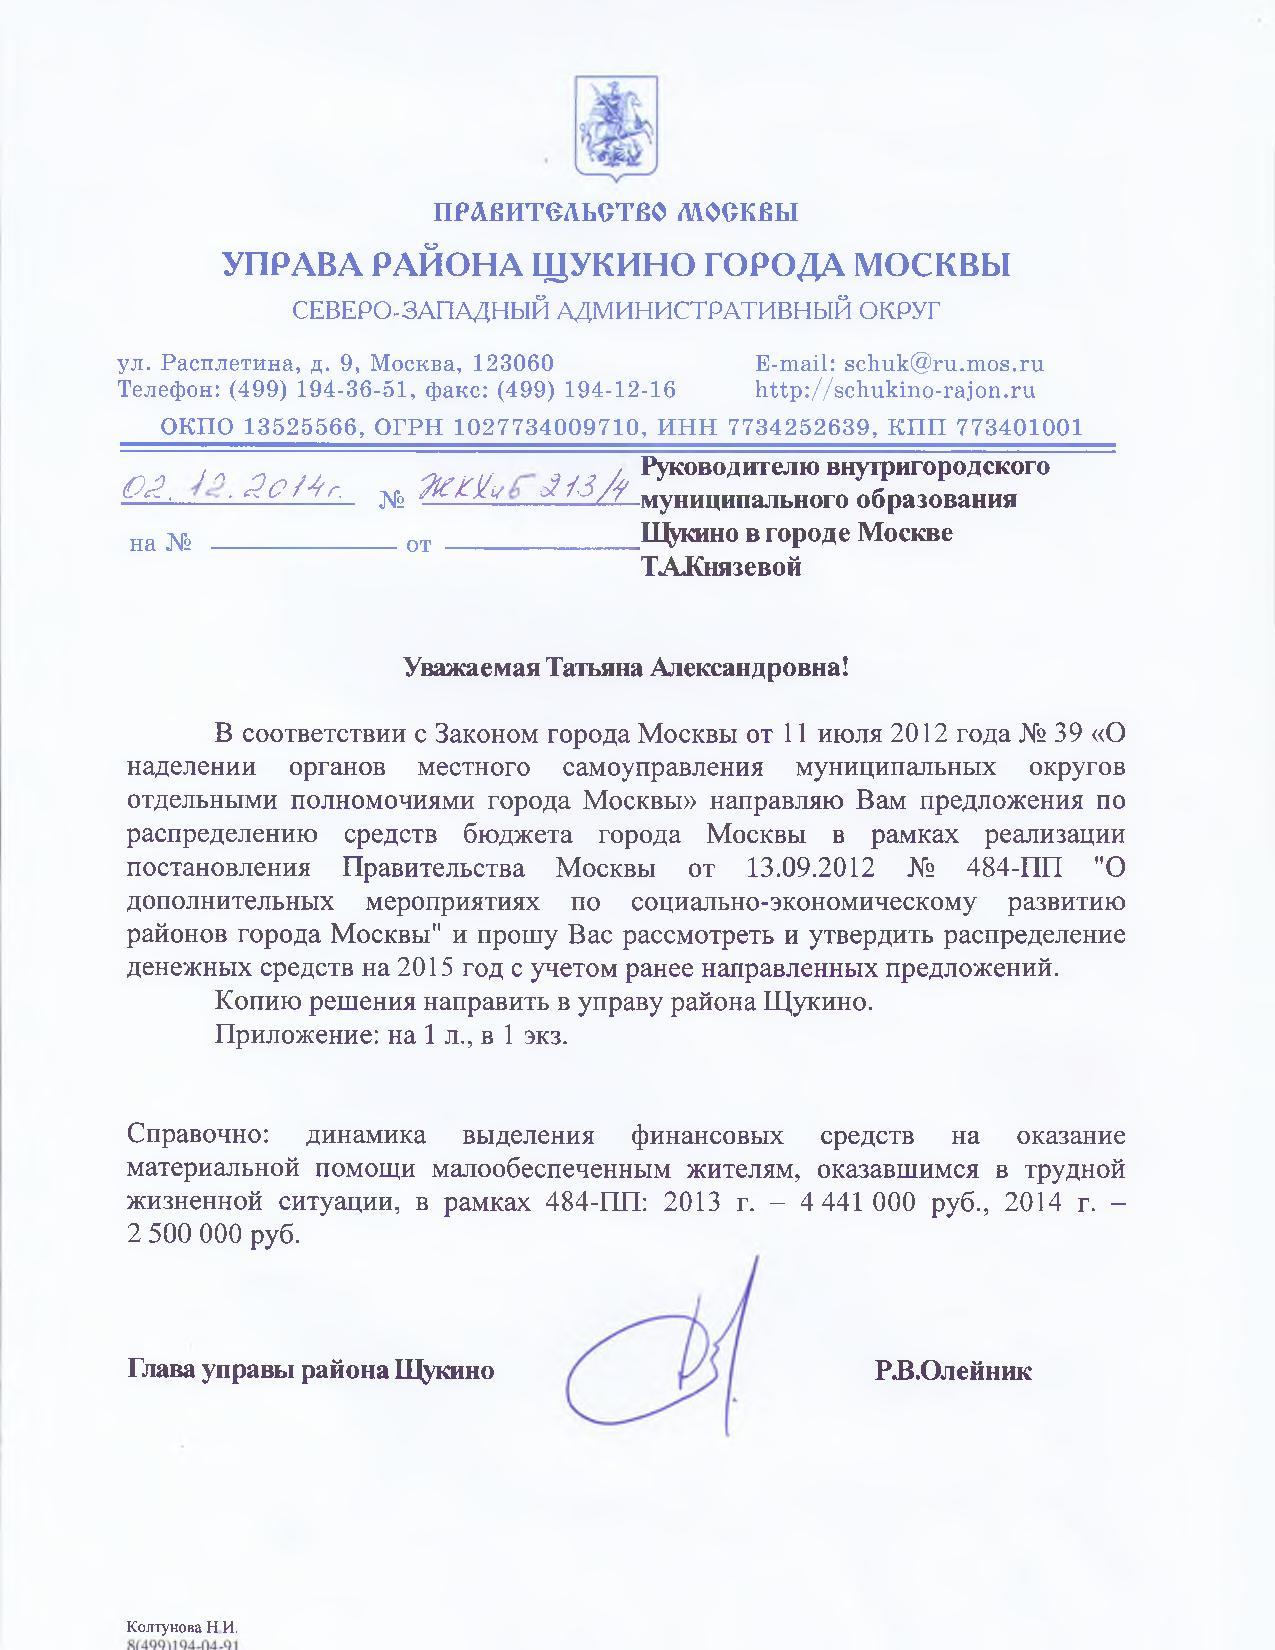 Материалы_1-page-001